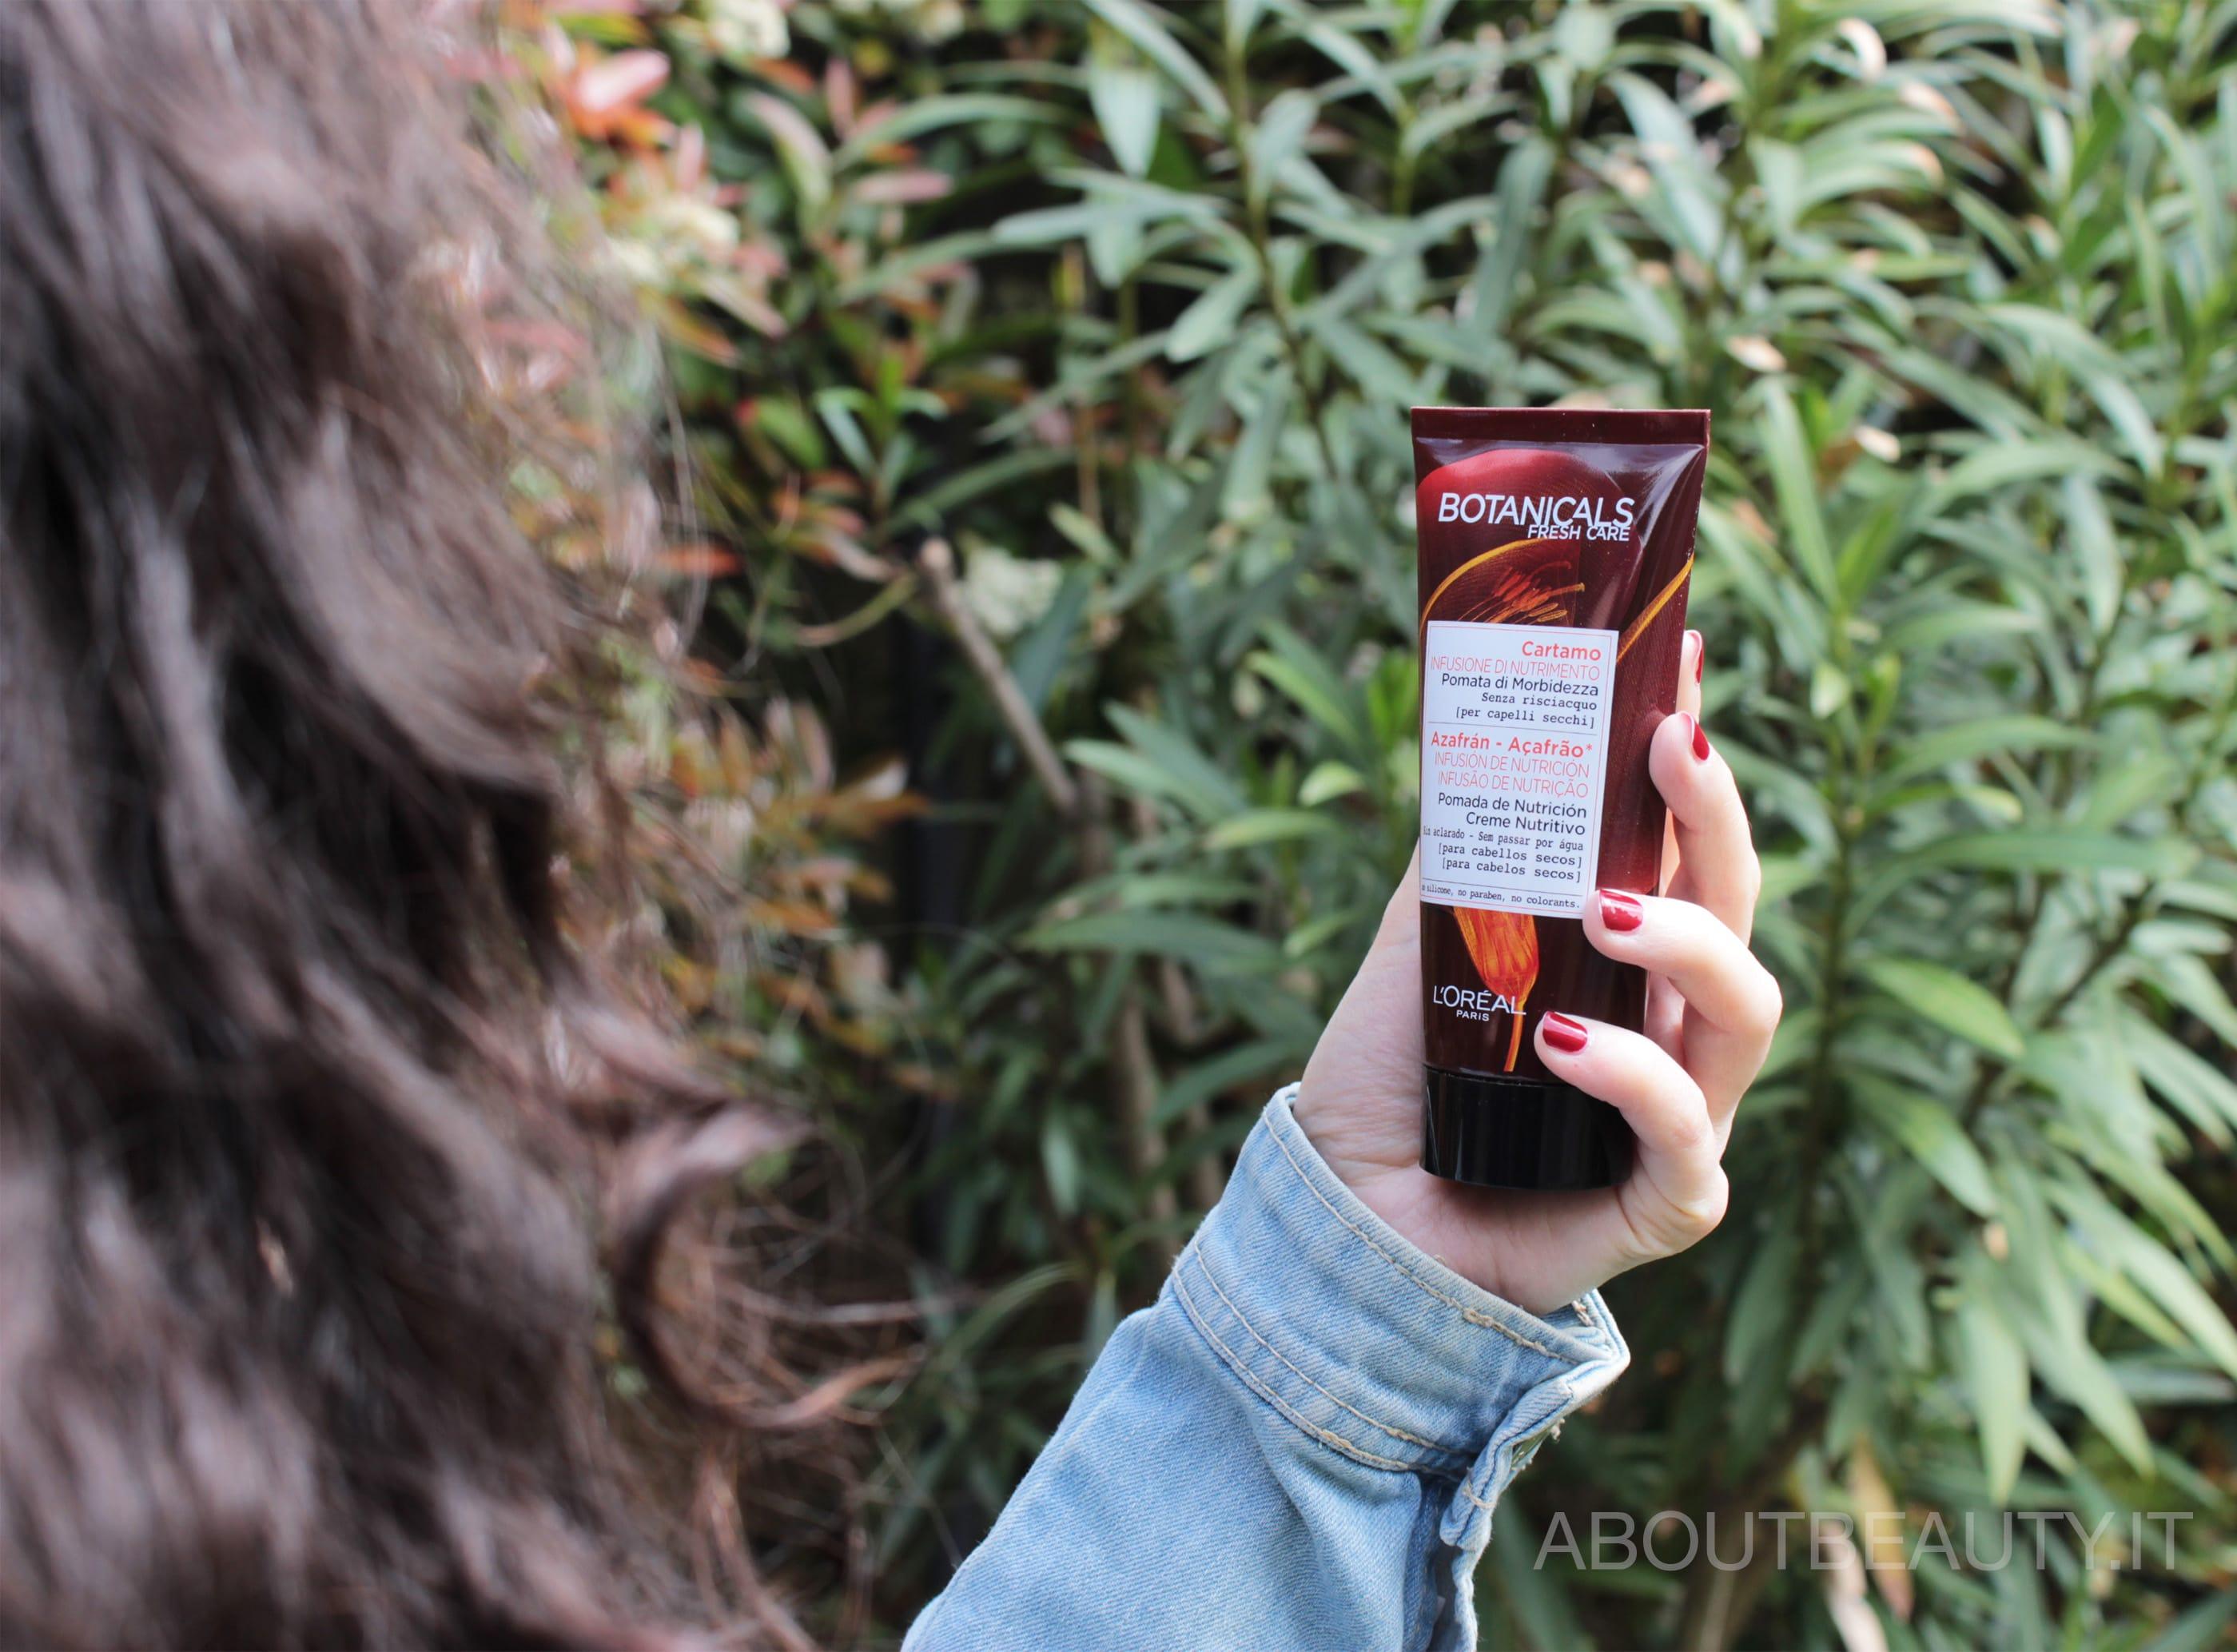 L'Oreal Botanicals Fresh Care, la linea al Cartamo per capelli secchi - La pomata di morbidezza